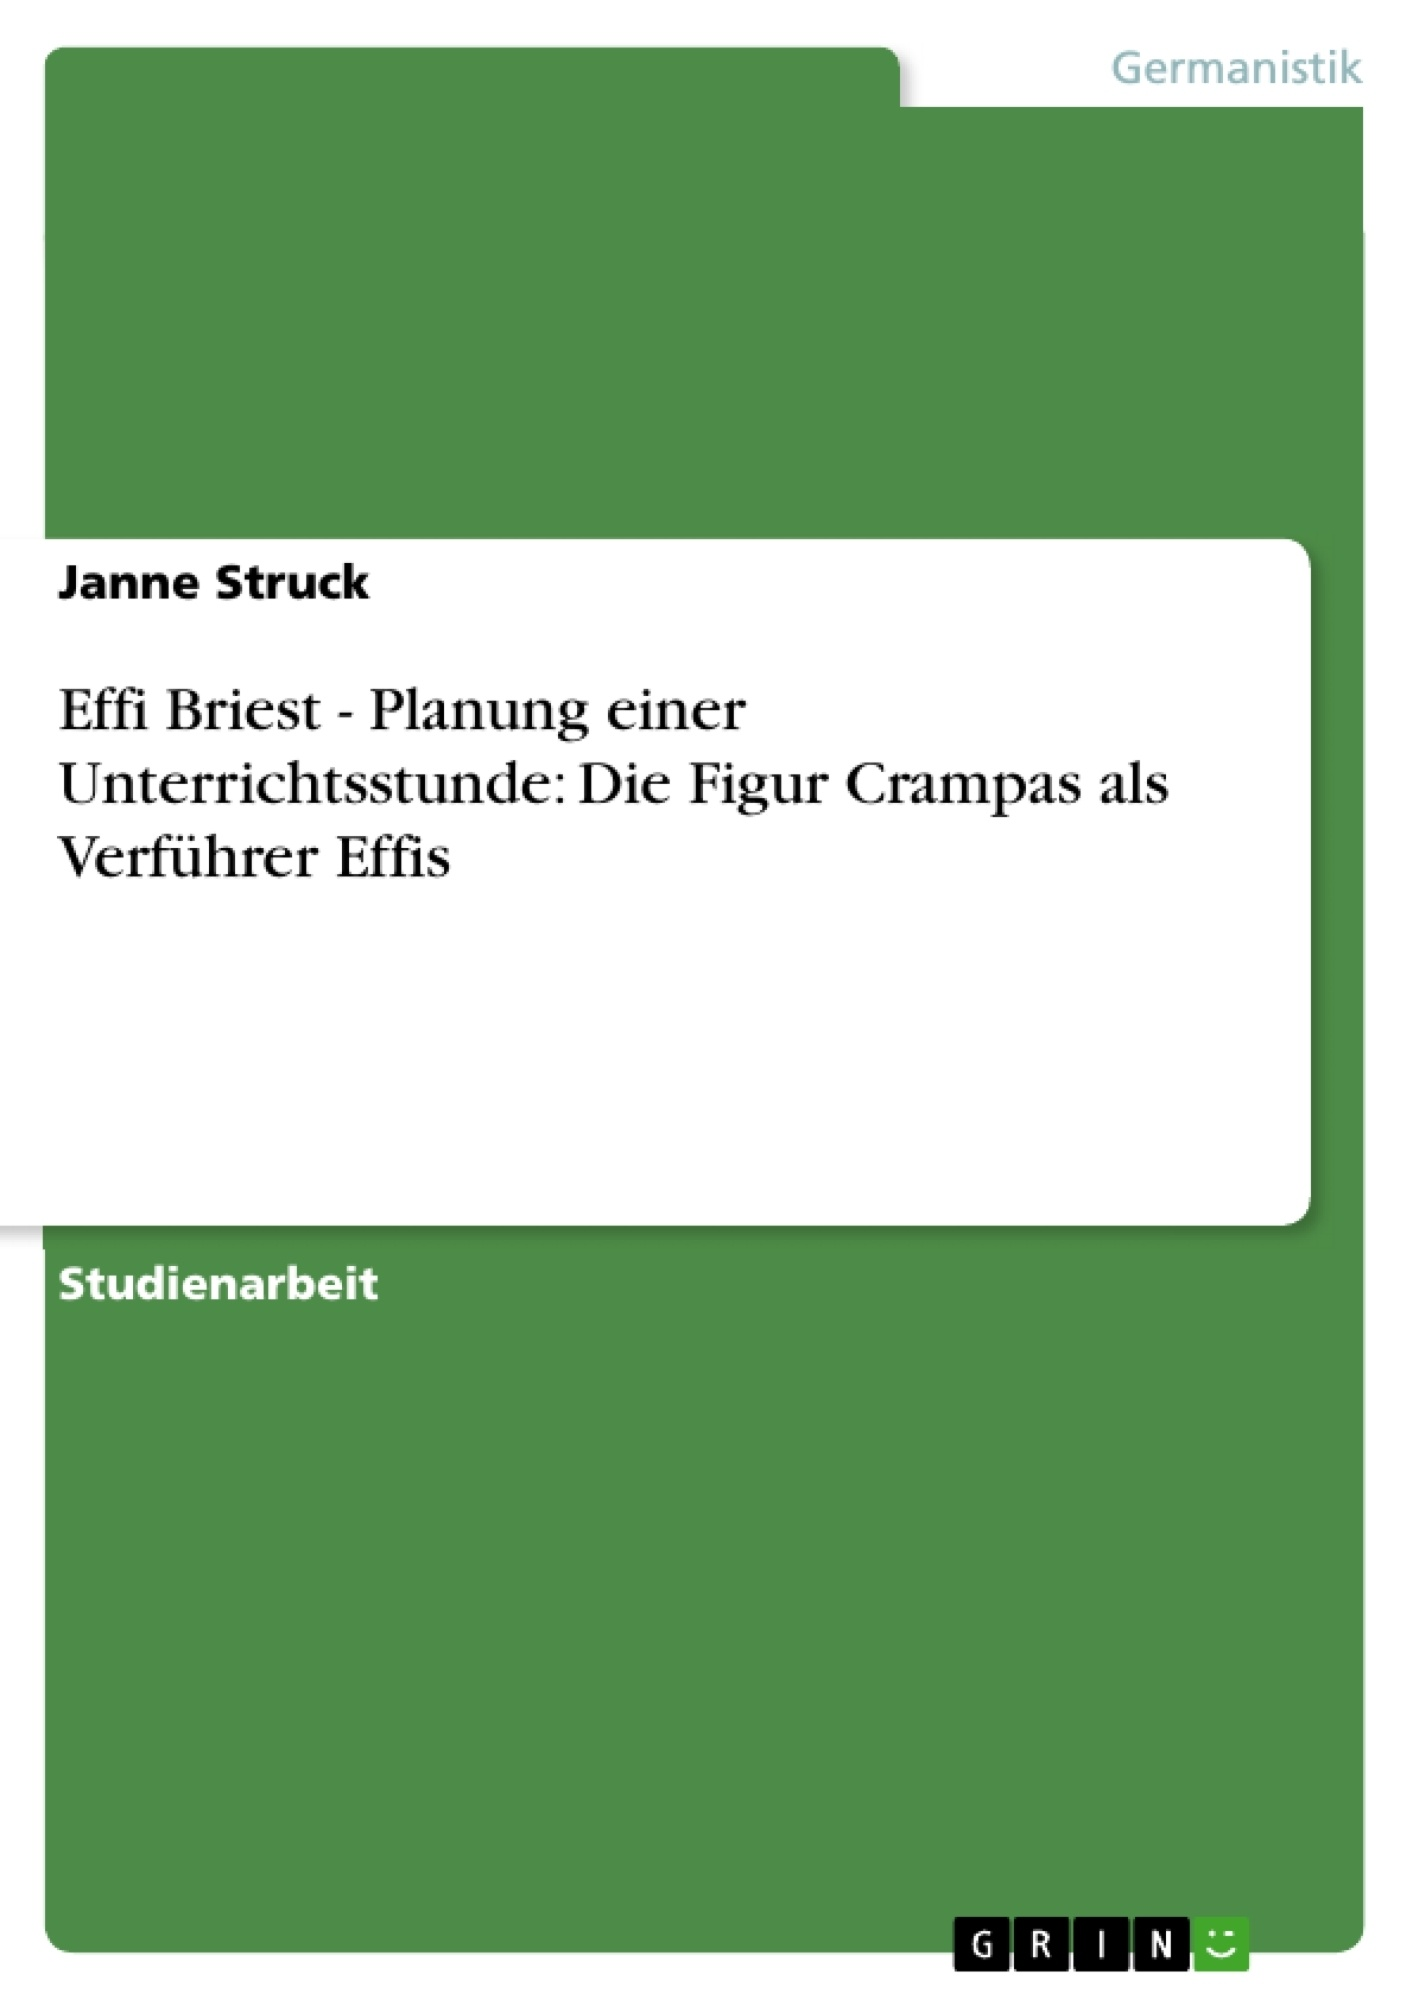 Titel: Effi Briest - Planung einer Unterrichtsstunde: Die Figur Crampas als Verführer Effis